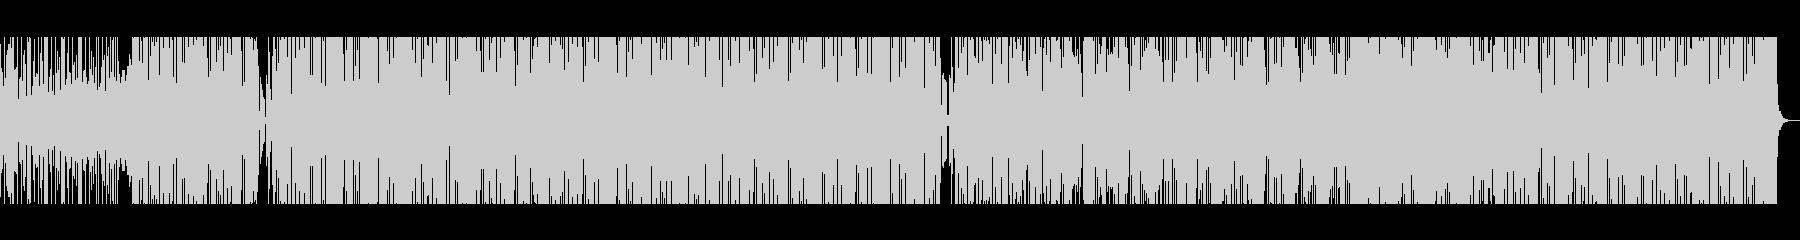 デジタルなギターポップ♪スマホCM風の未再生の波形